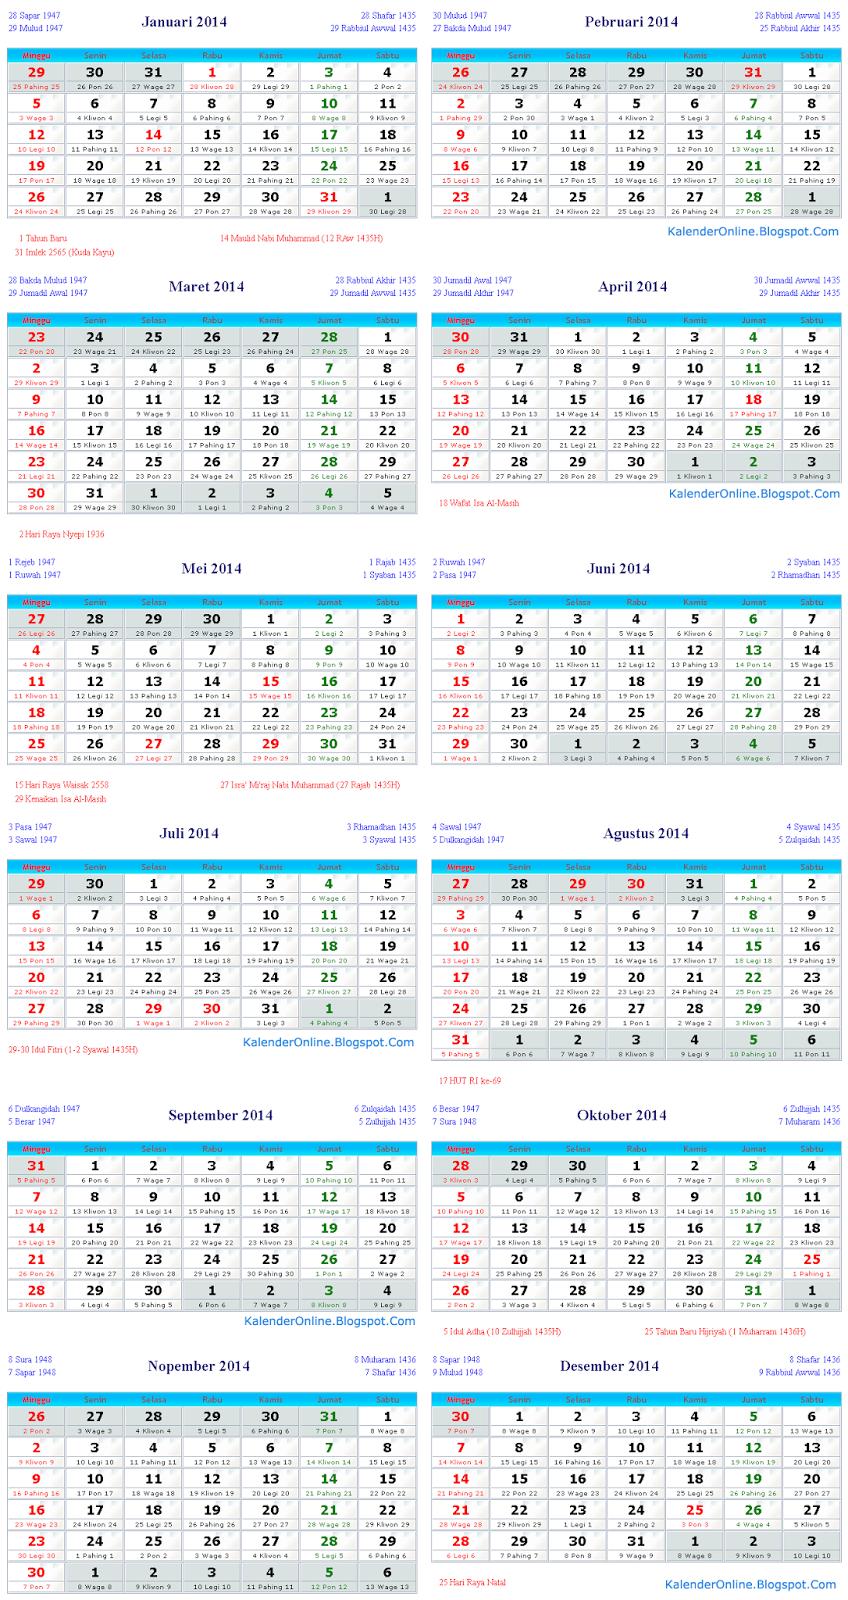 lihat selengkapnya download kalender online kalender 2014 di bawah ini